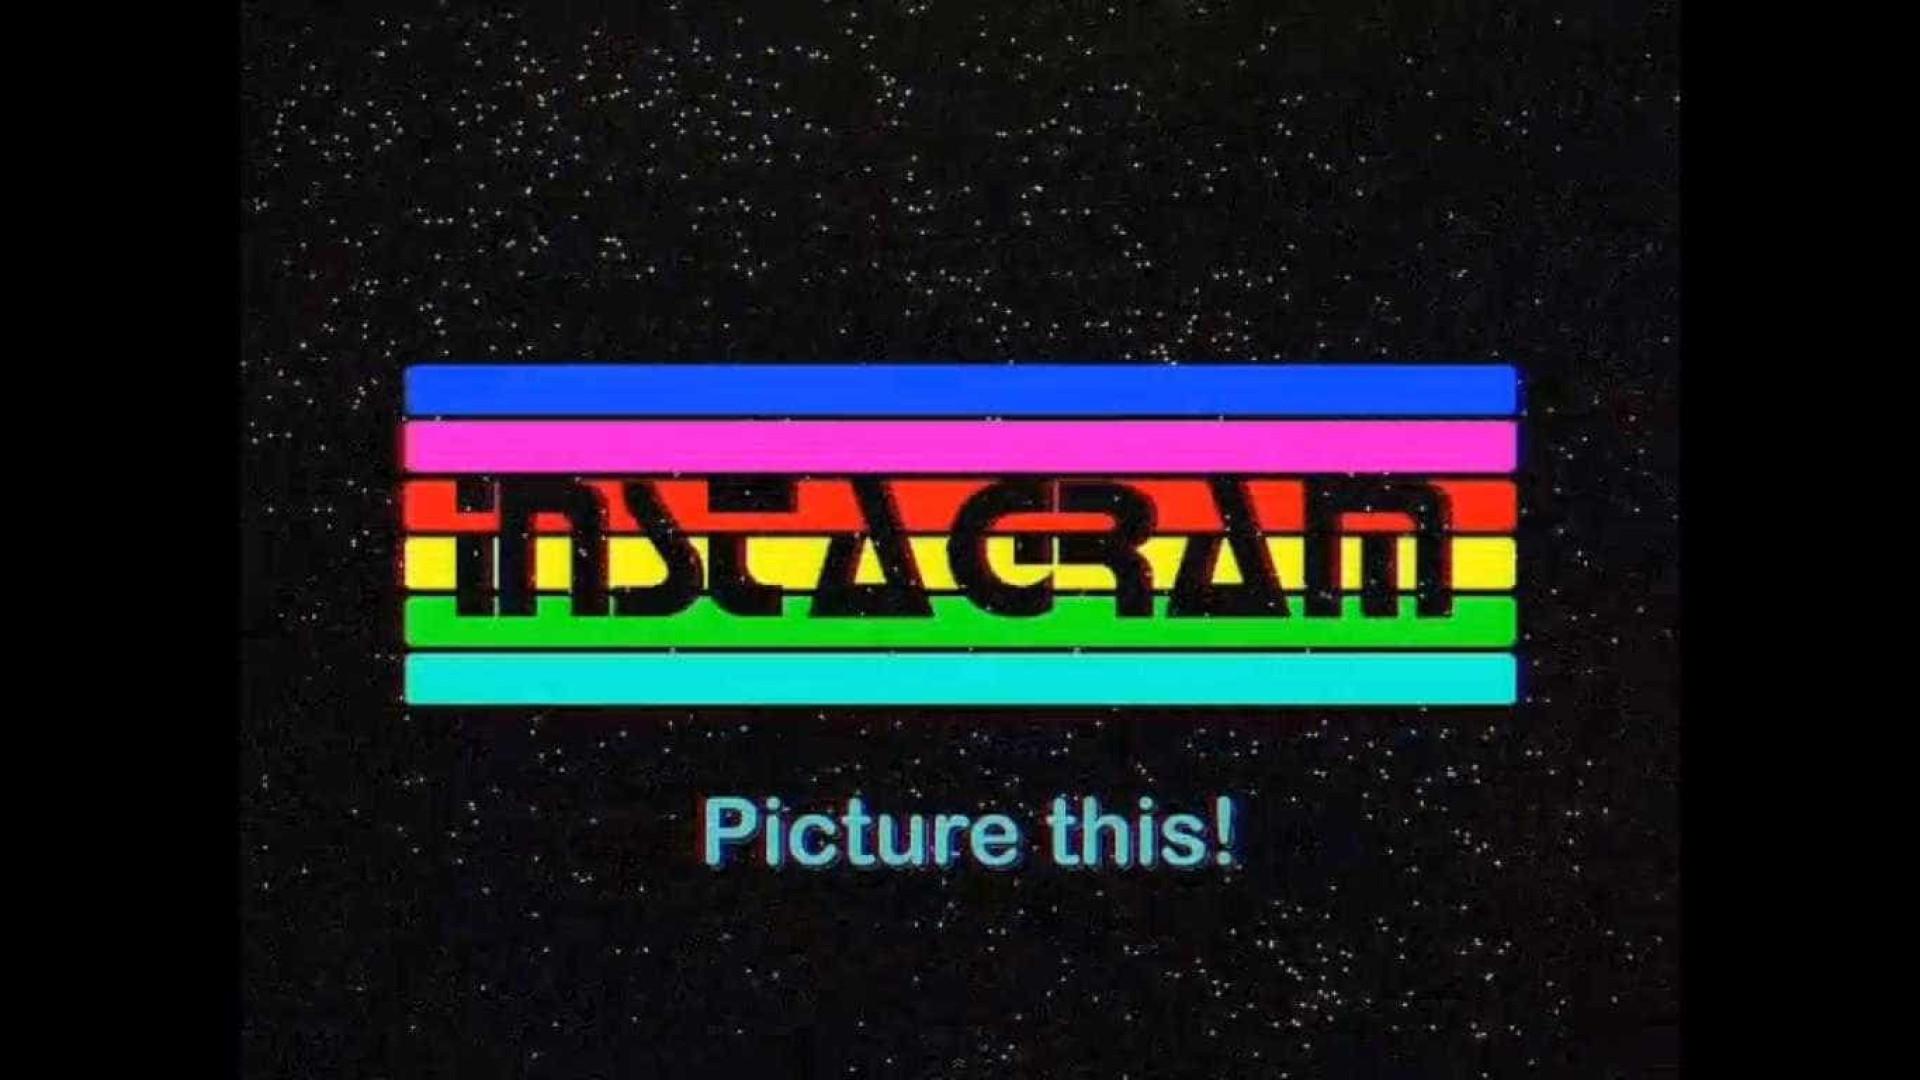 Como seria o Instagram em 'low-res' nos anos 80?